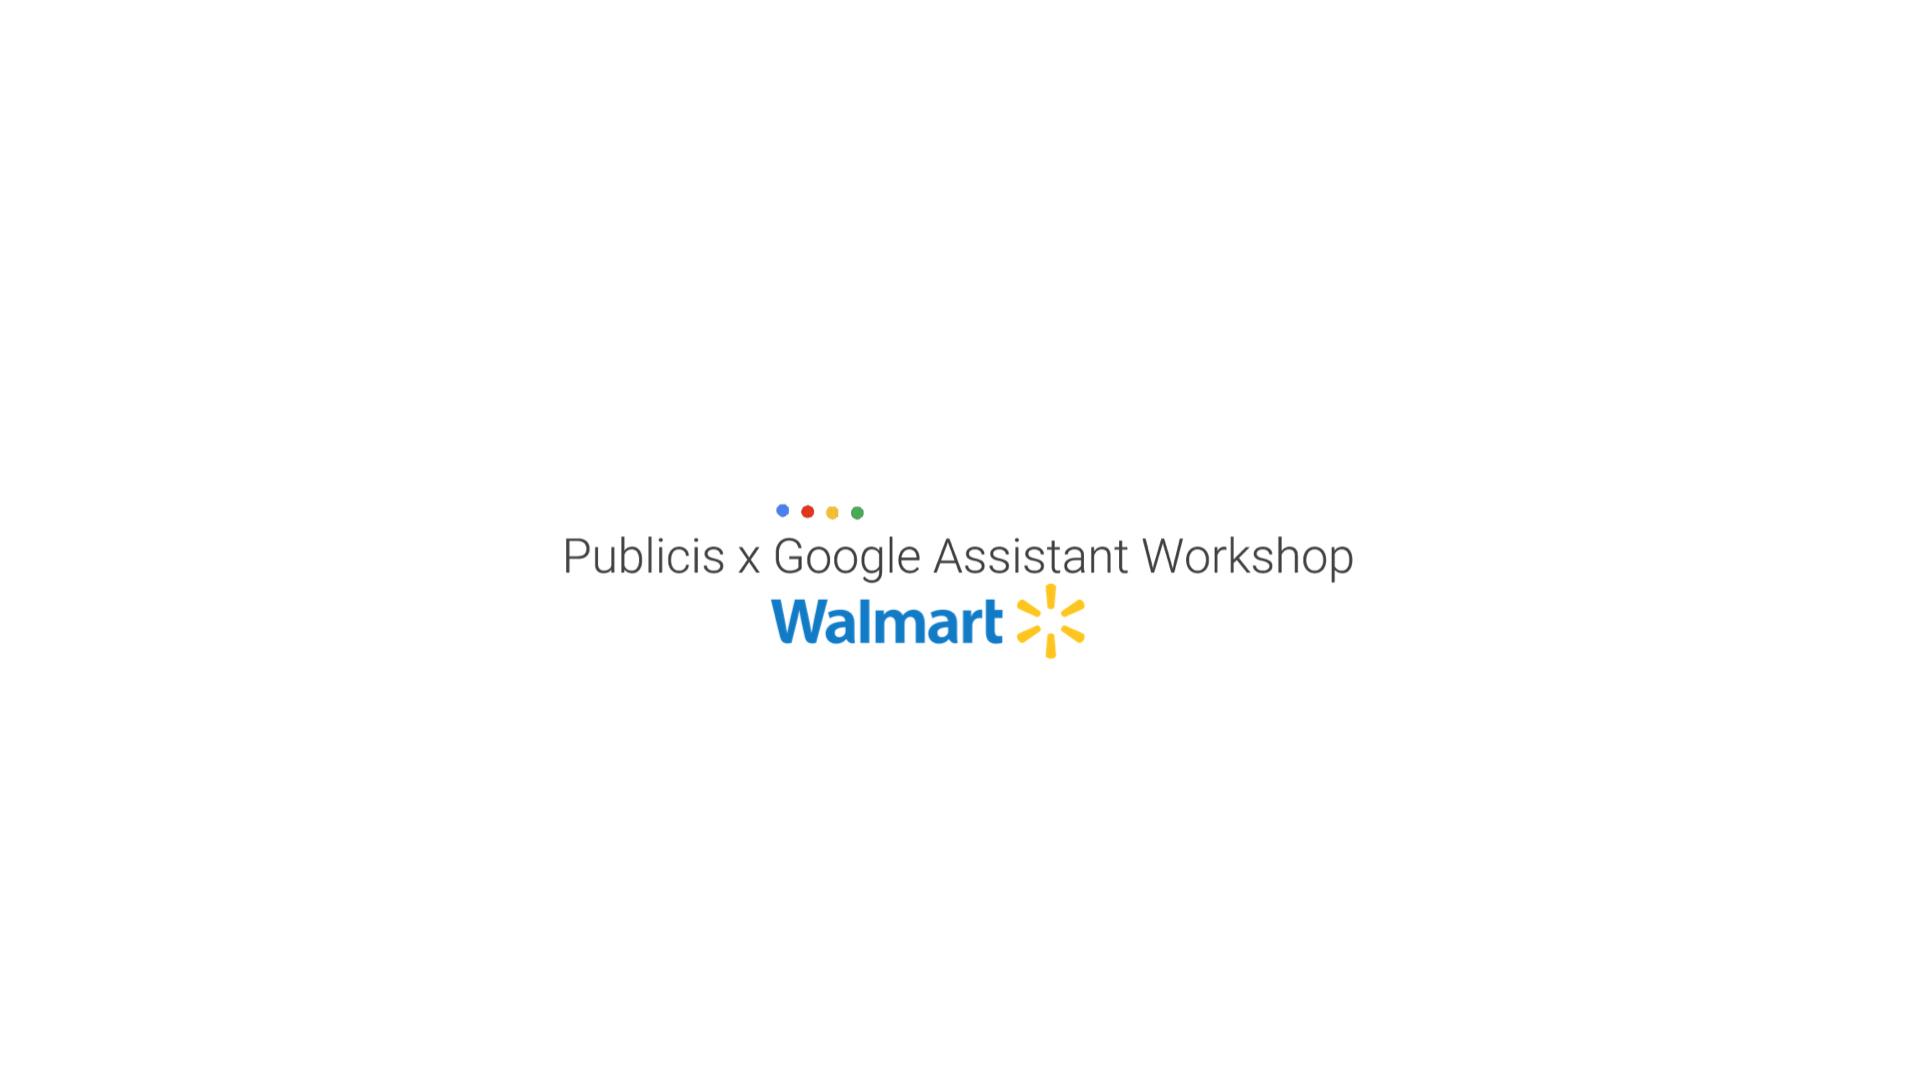 google-assist.wallmart.001.jpeg